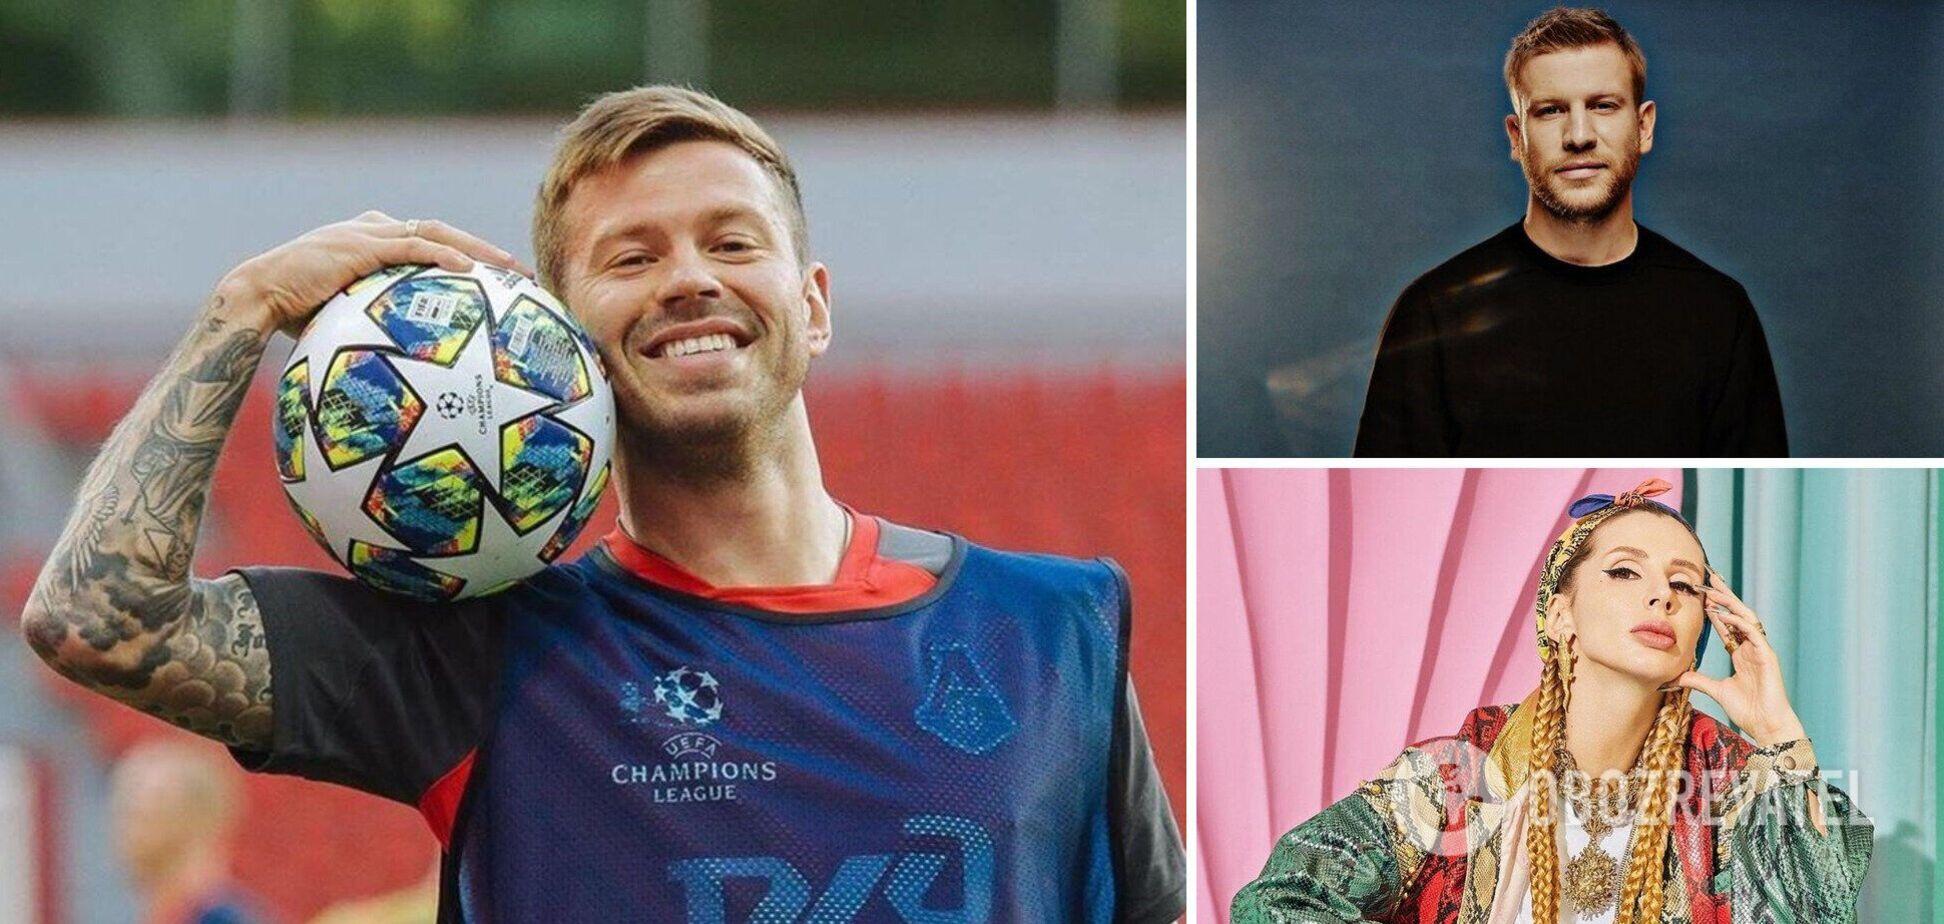 Дорн и Лобода выступили на дне рождения российского футболиста Смолова. Фото и видео